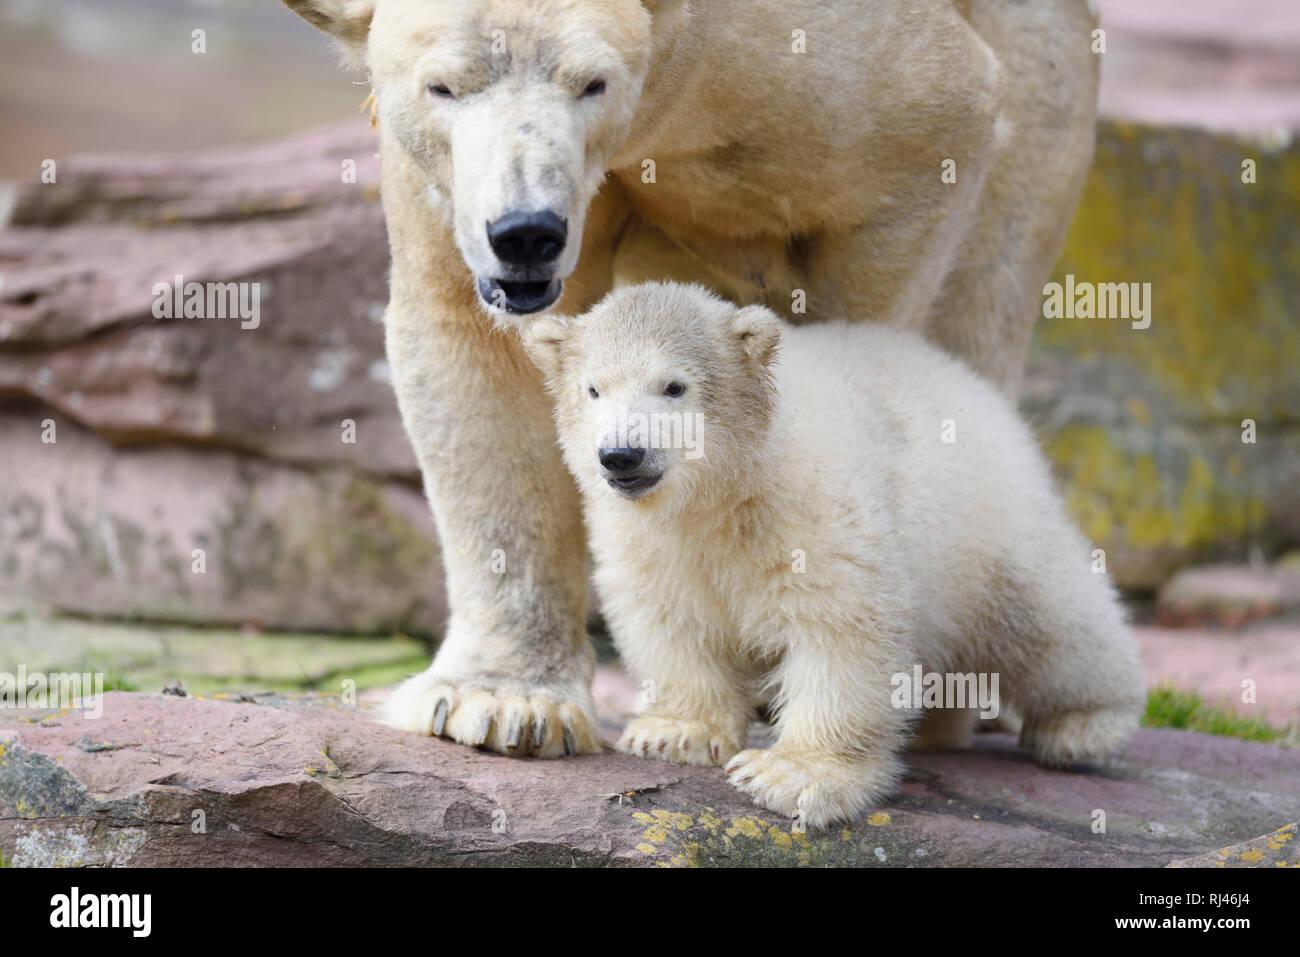 Eisb?ren, Ursus maritimus, Muttertier, Jungtier, Felsen, frontal, stehen, Blick Kamera - Stock Image